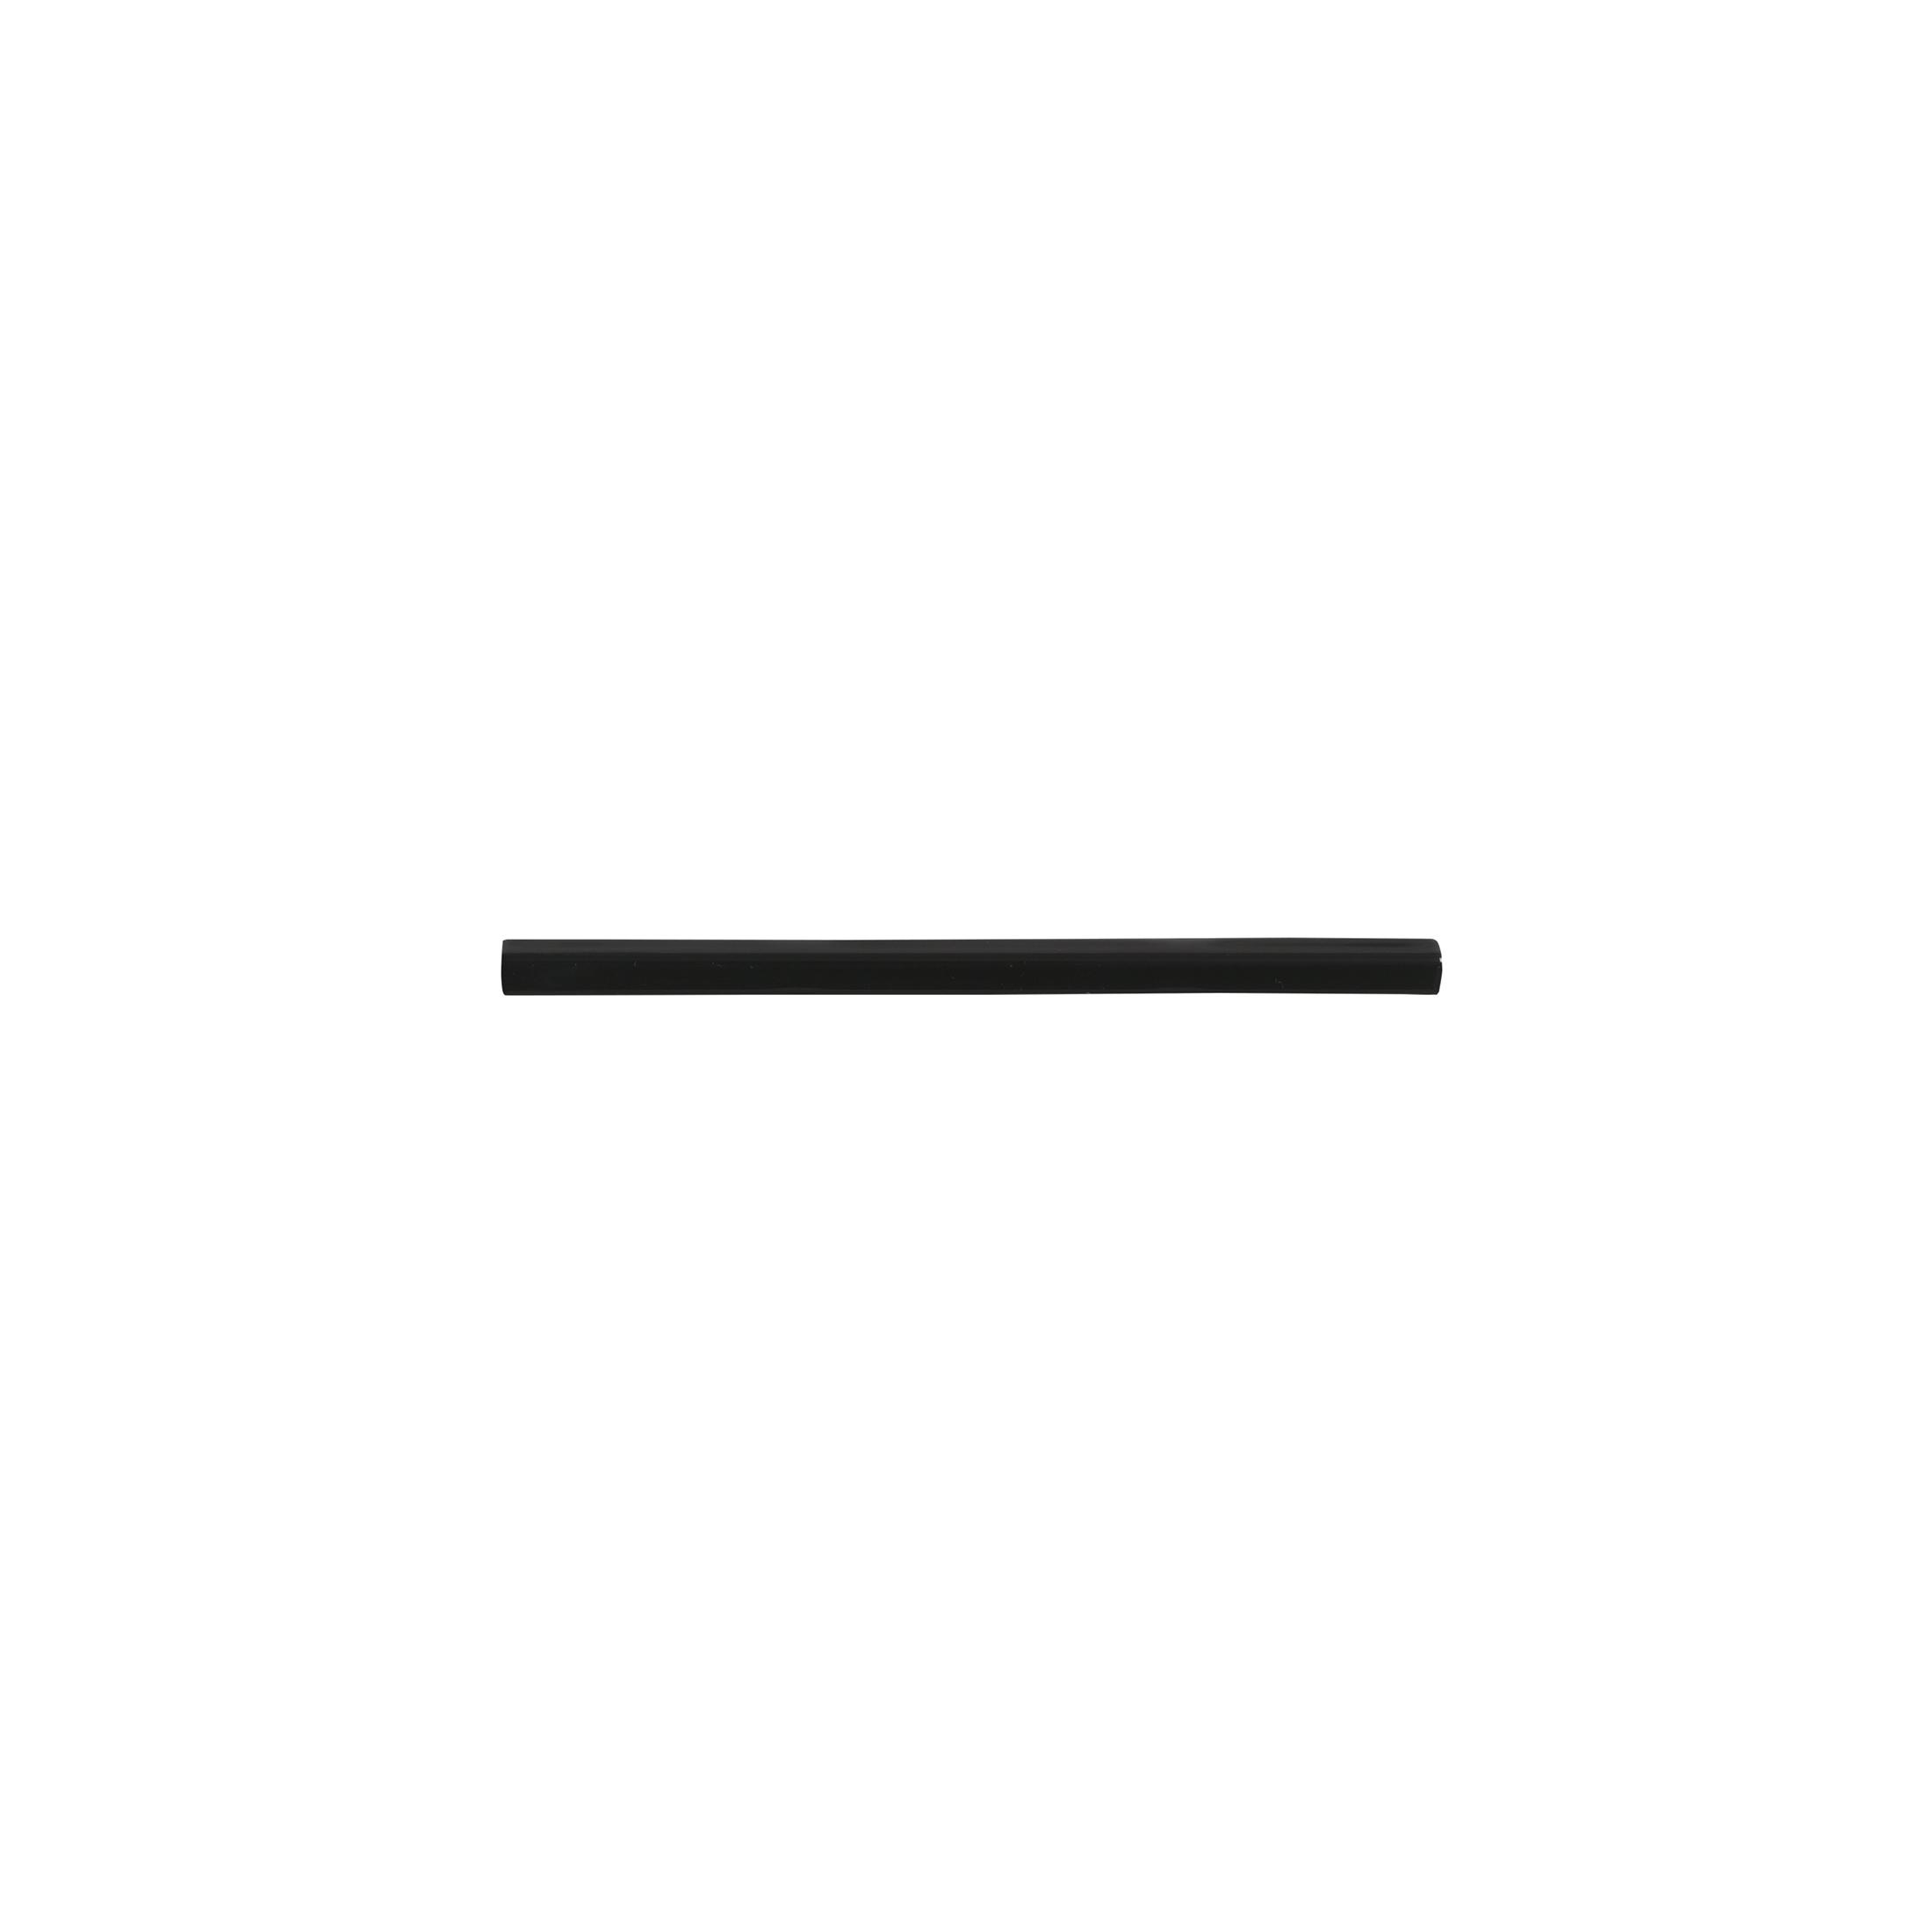 ADEX-ADNE5580-BULLNOSE-TRIM  -0.85 cm-15 cm-NERI>NEGRO